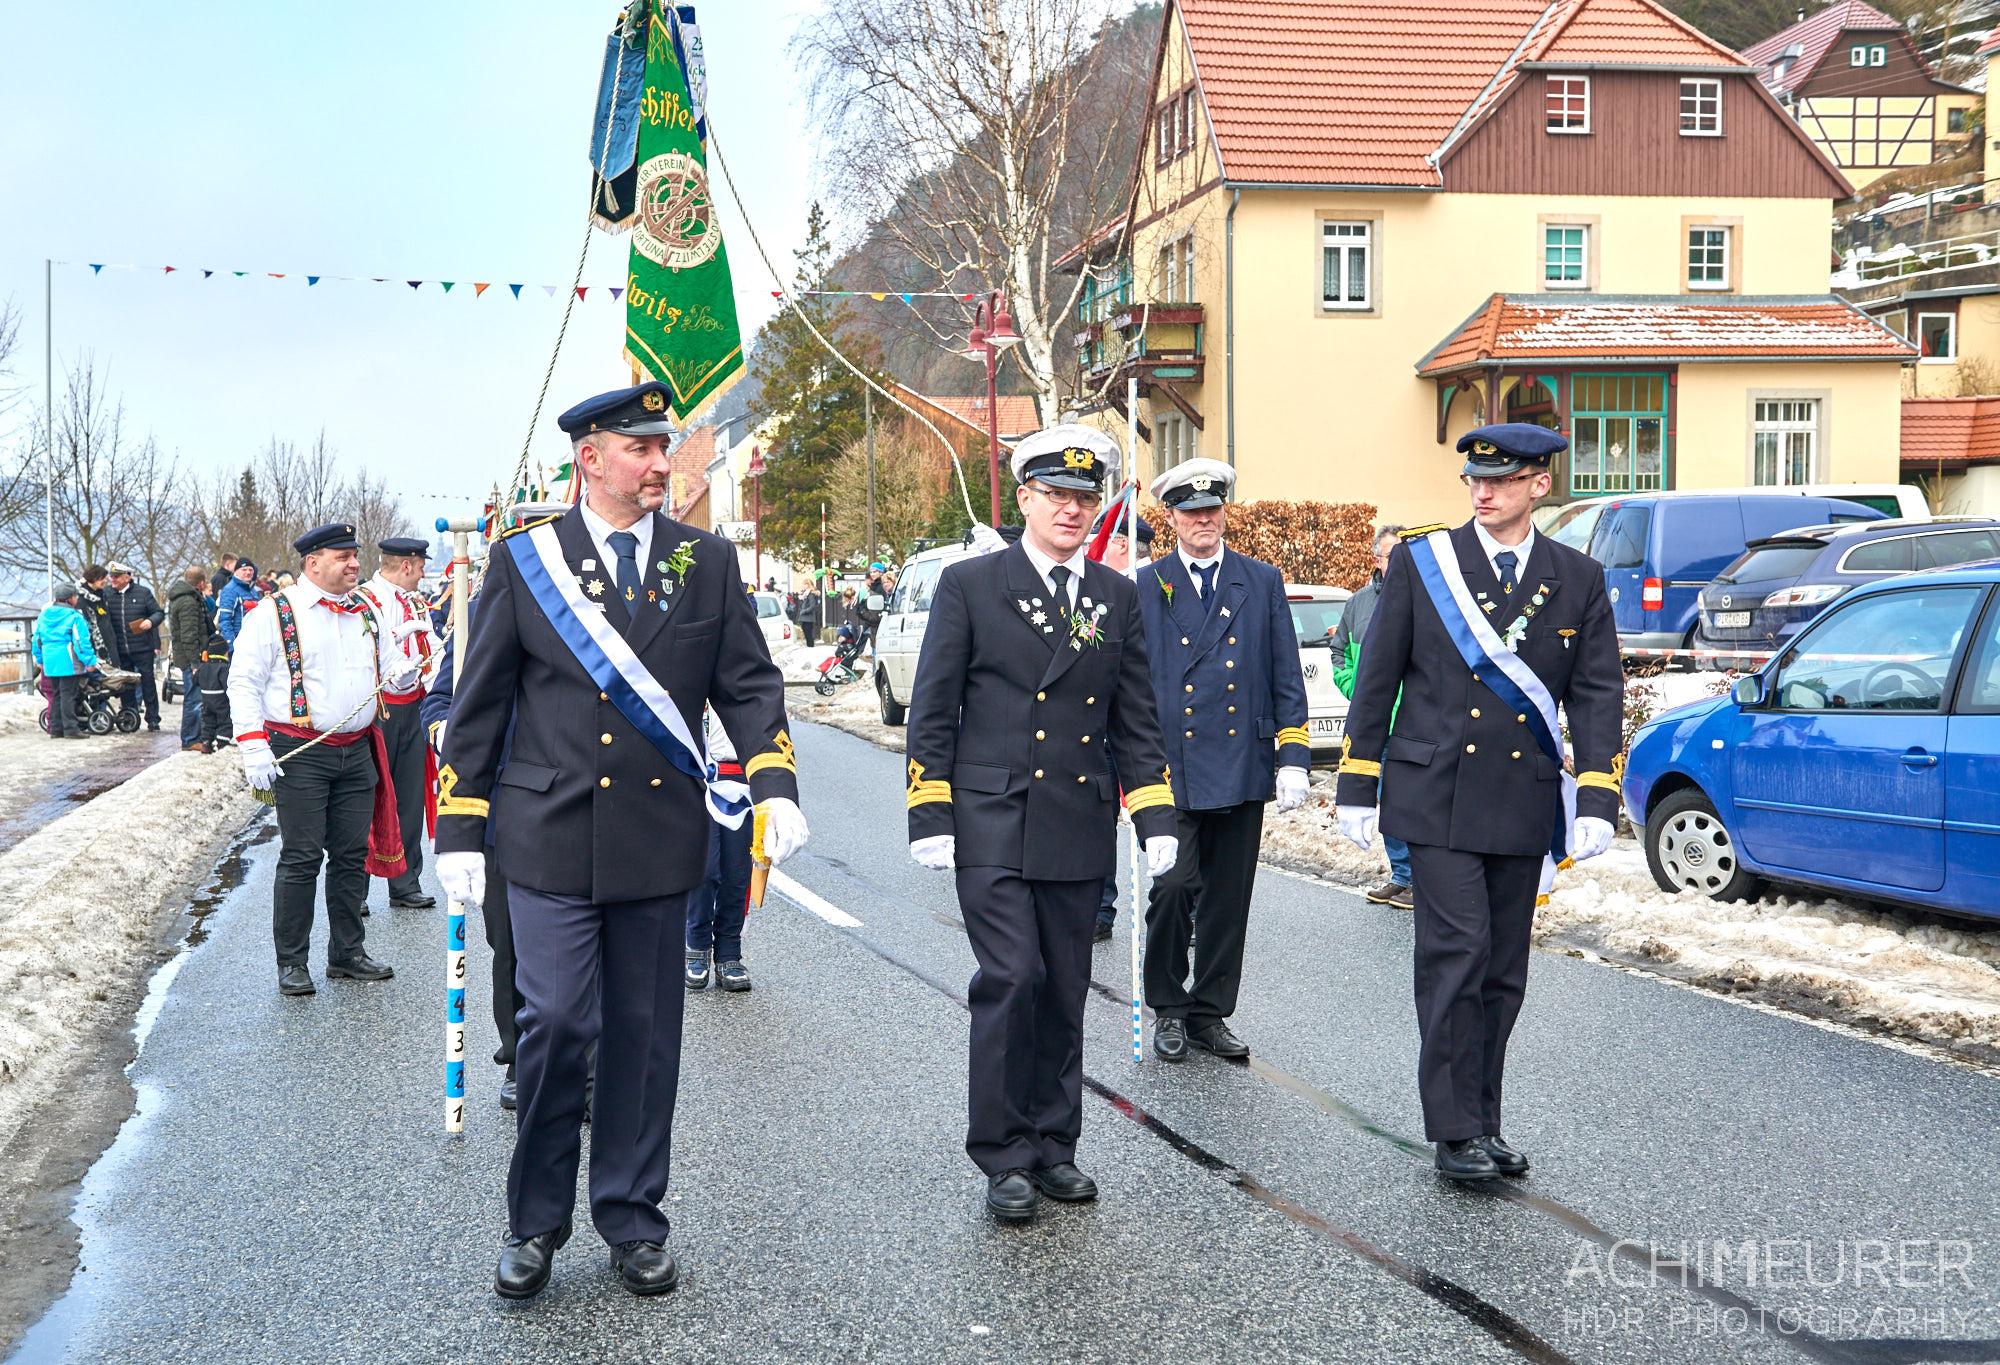 Schifferfastnacht-Postelwitz-Bad-Schandau-Saechsische-Schweiz-Sachsen_9986 by AchimMeurer.com .